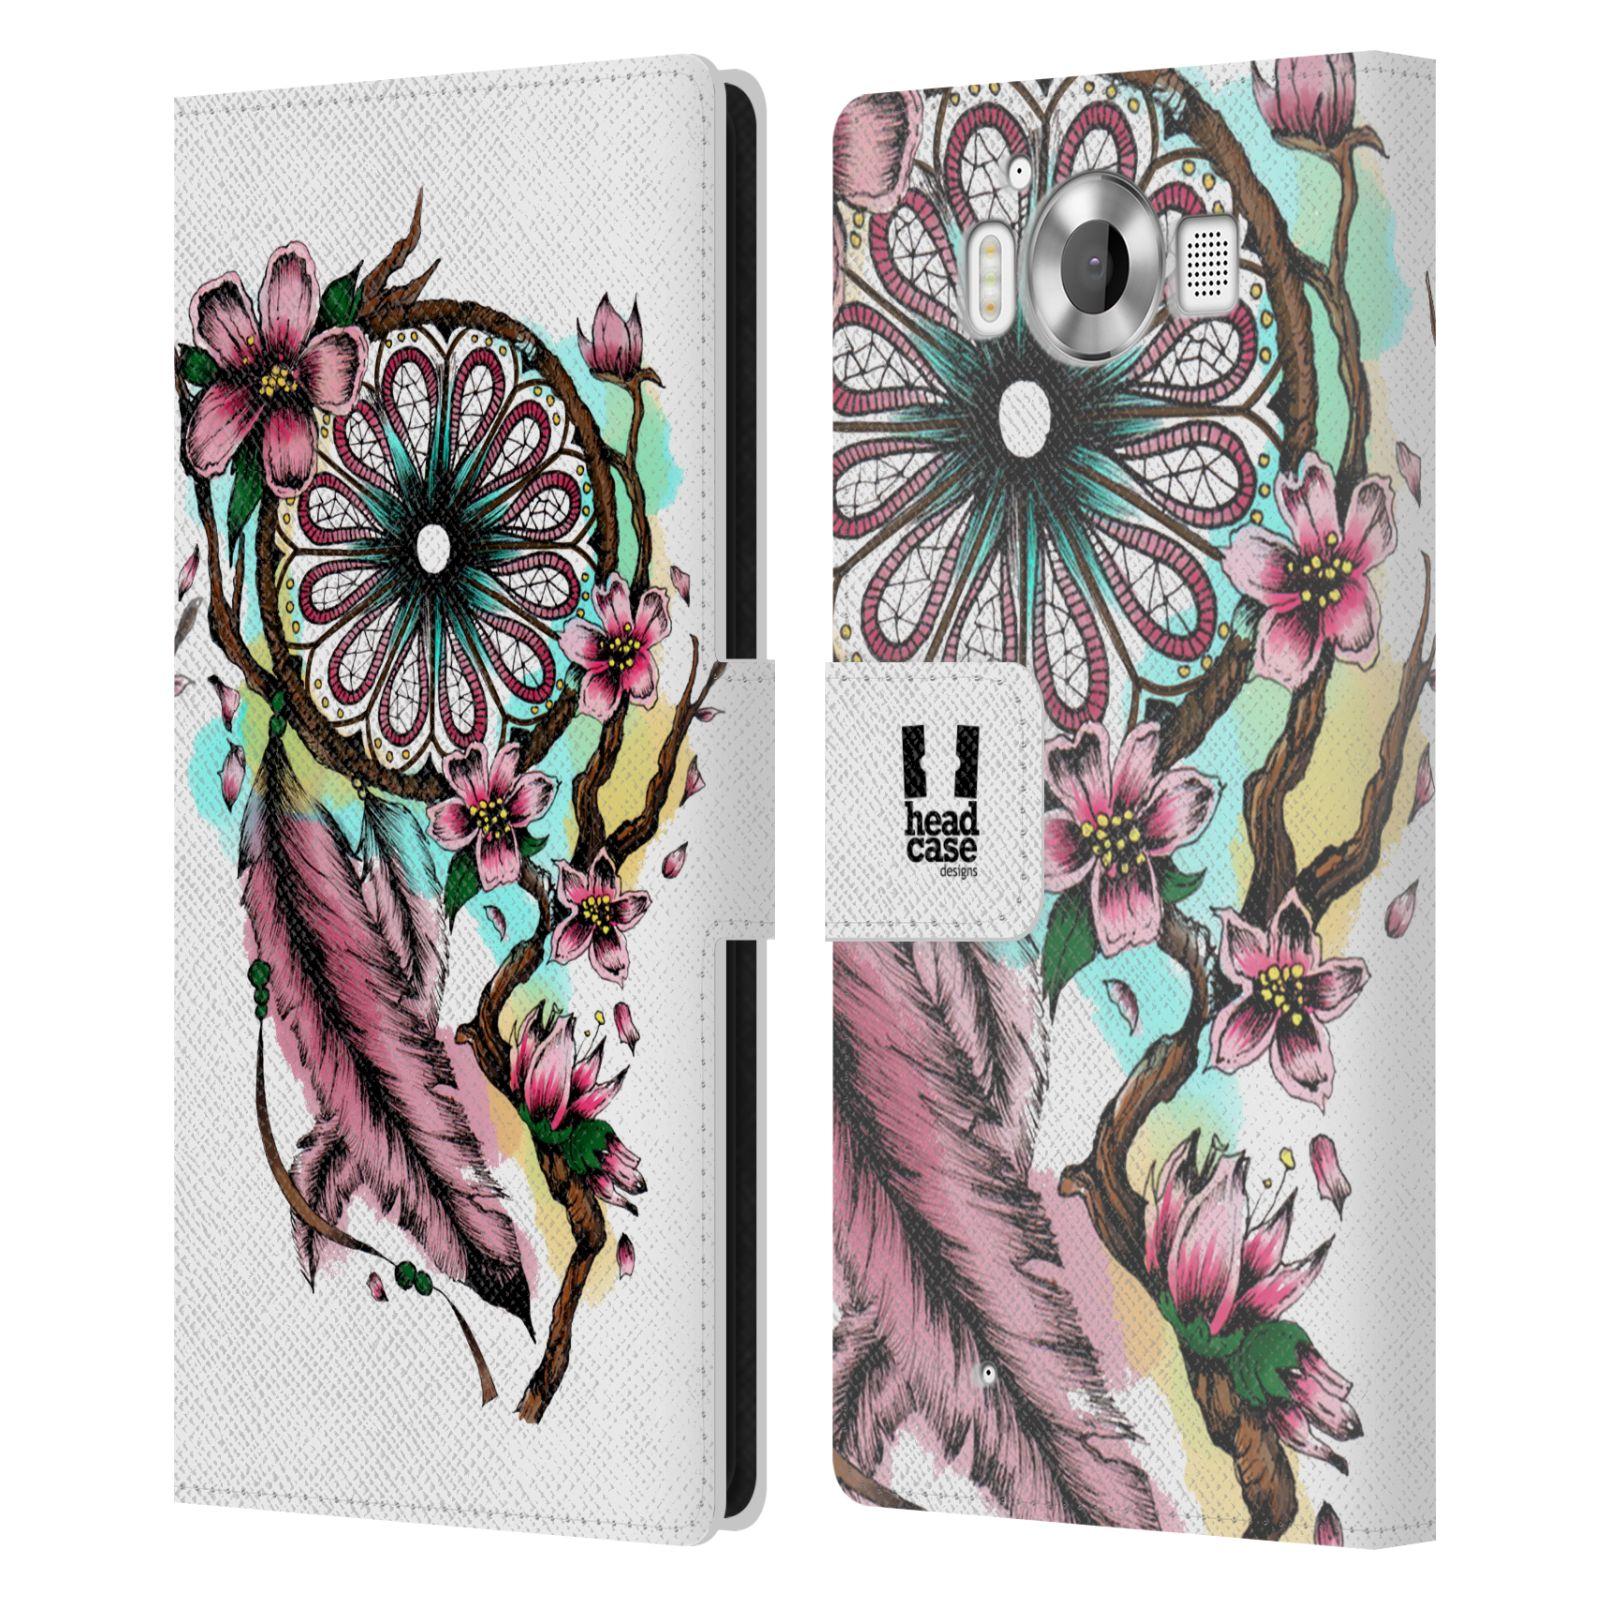 Pouzdro na mobil Nokia Lumia 950 - Head Case - Lapač snů květy fialová